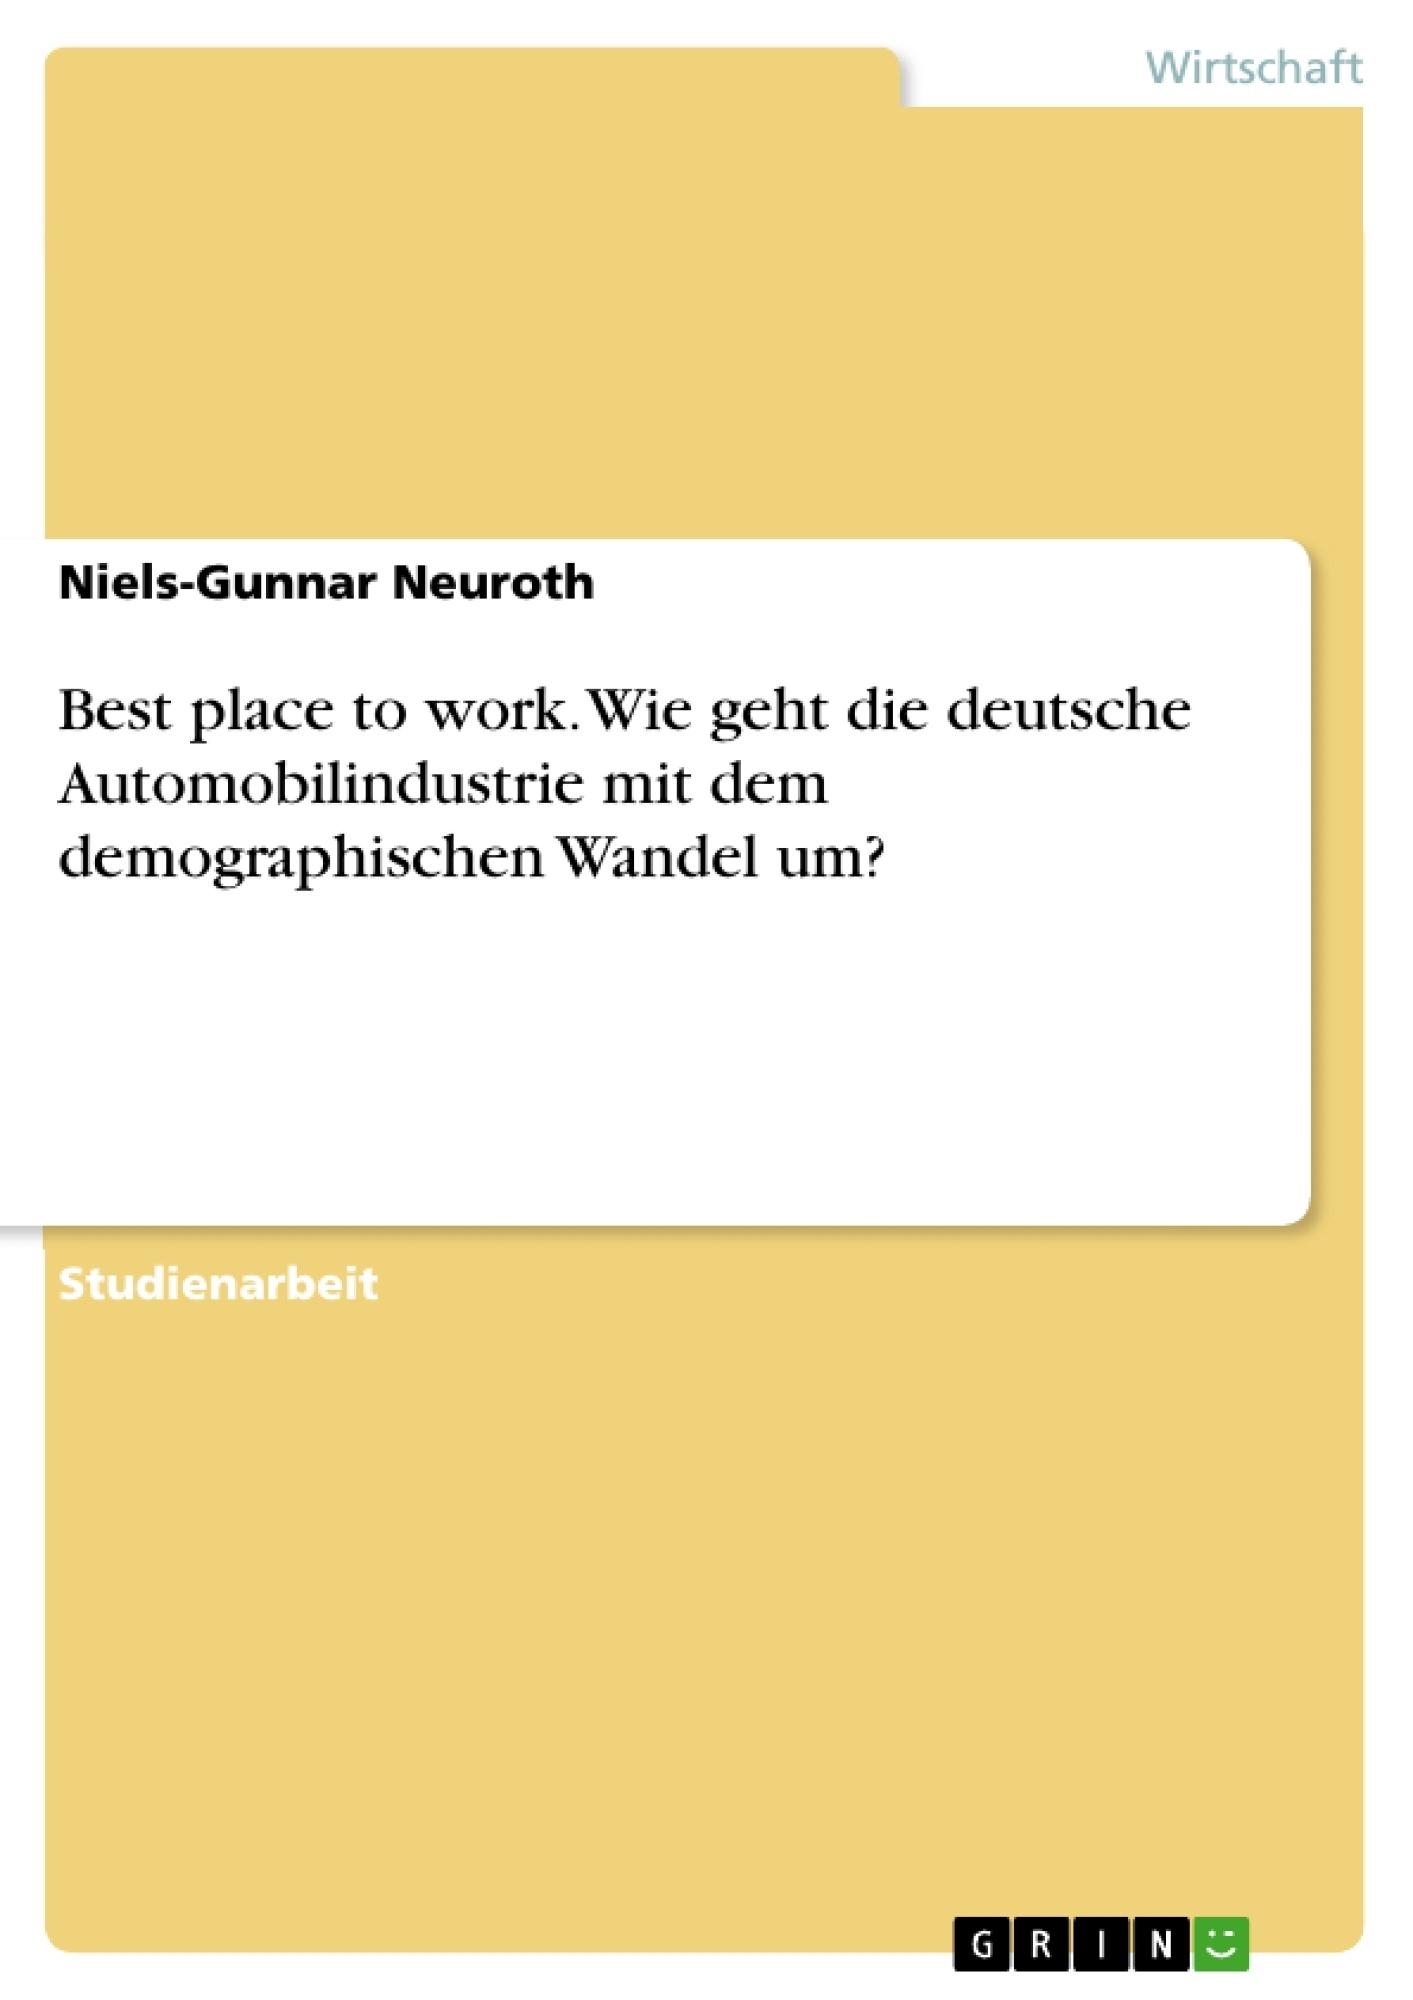 Titel: Best place to work. Wie geht die deutsche Automobilindustrie mit dem demographischen Wandel um?